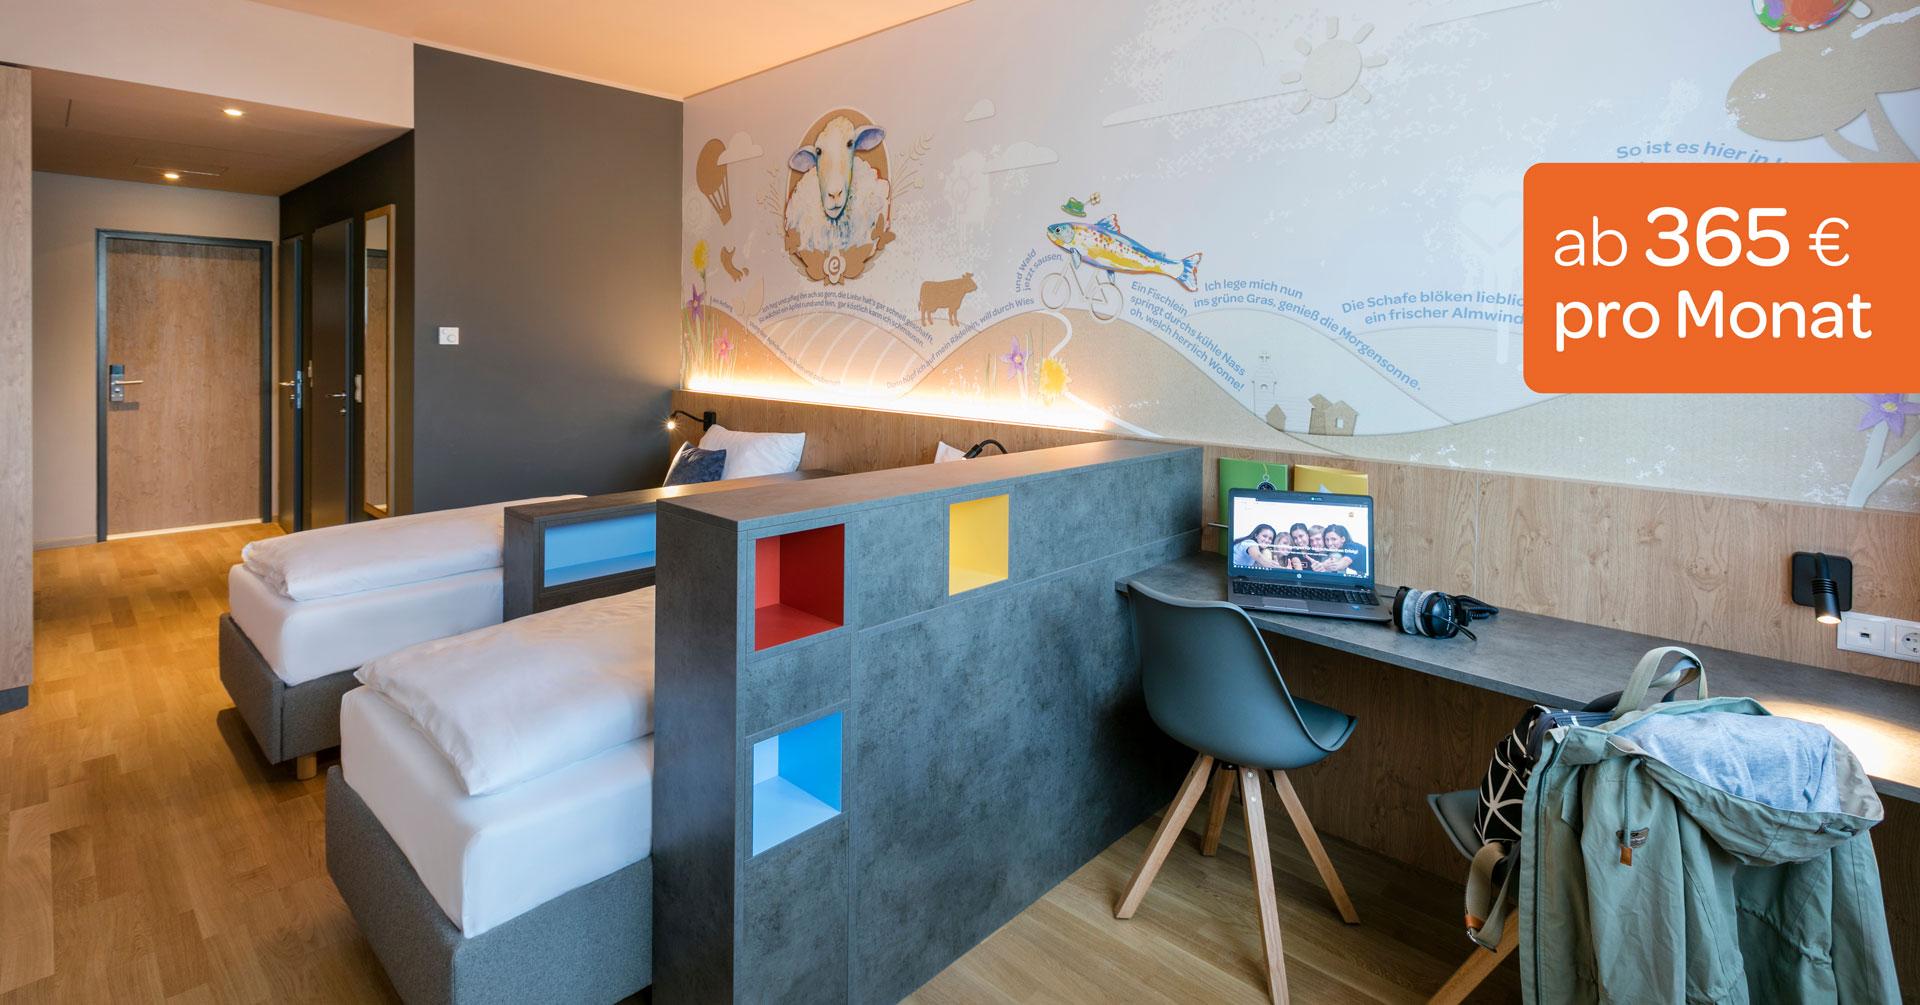 Sie sehen ein Doppelzimmer mit Schreibtisch und Stuhl im JUFA Hotel Weiz***s Schülercampus. Der Ort für erfolgreiche und kreative Seminare in abwechslungsreichen Regionen.